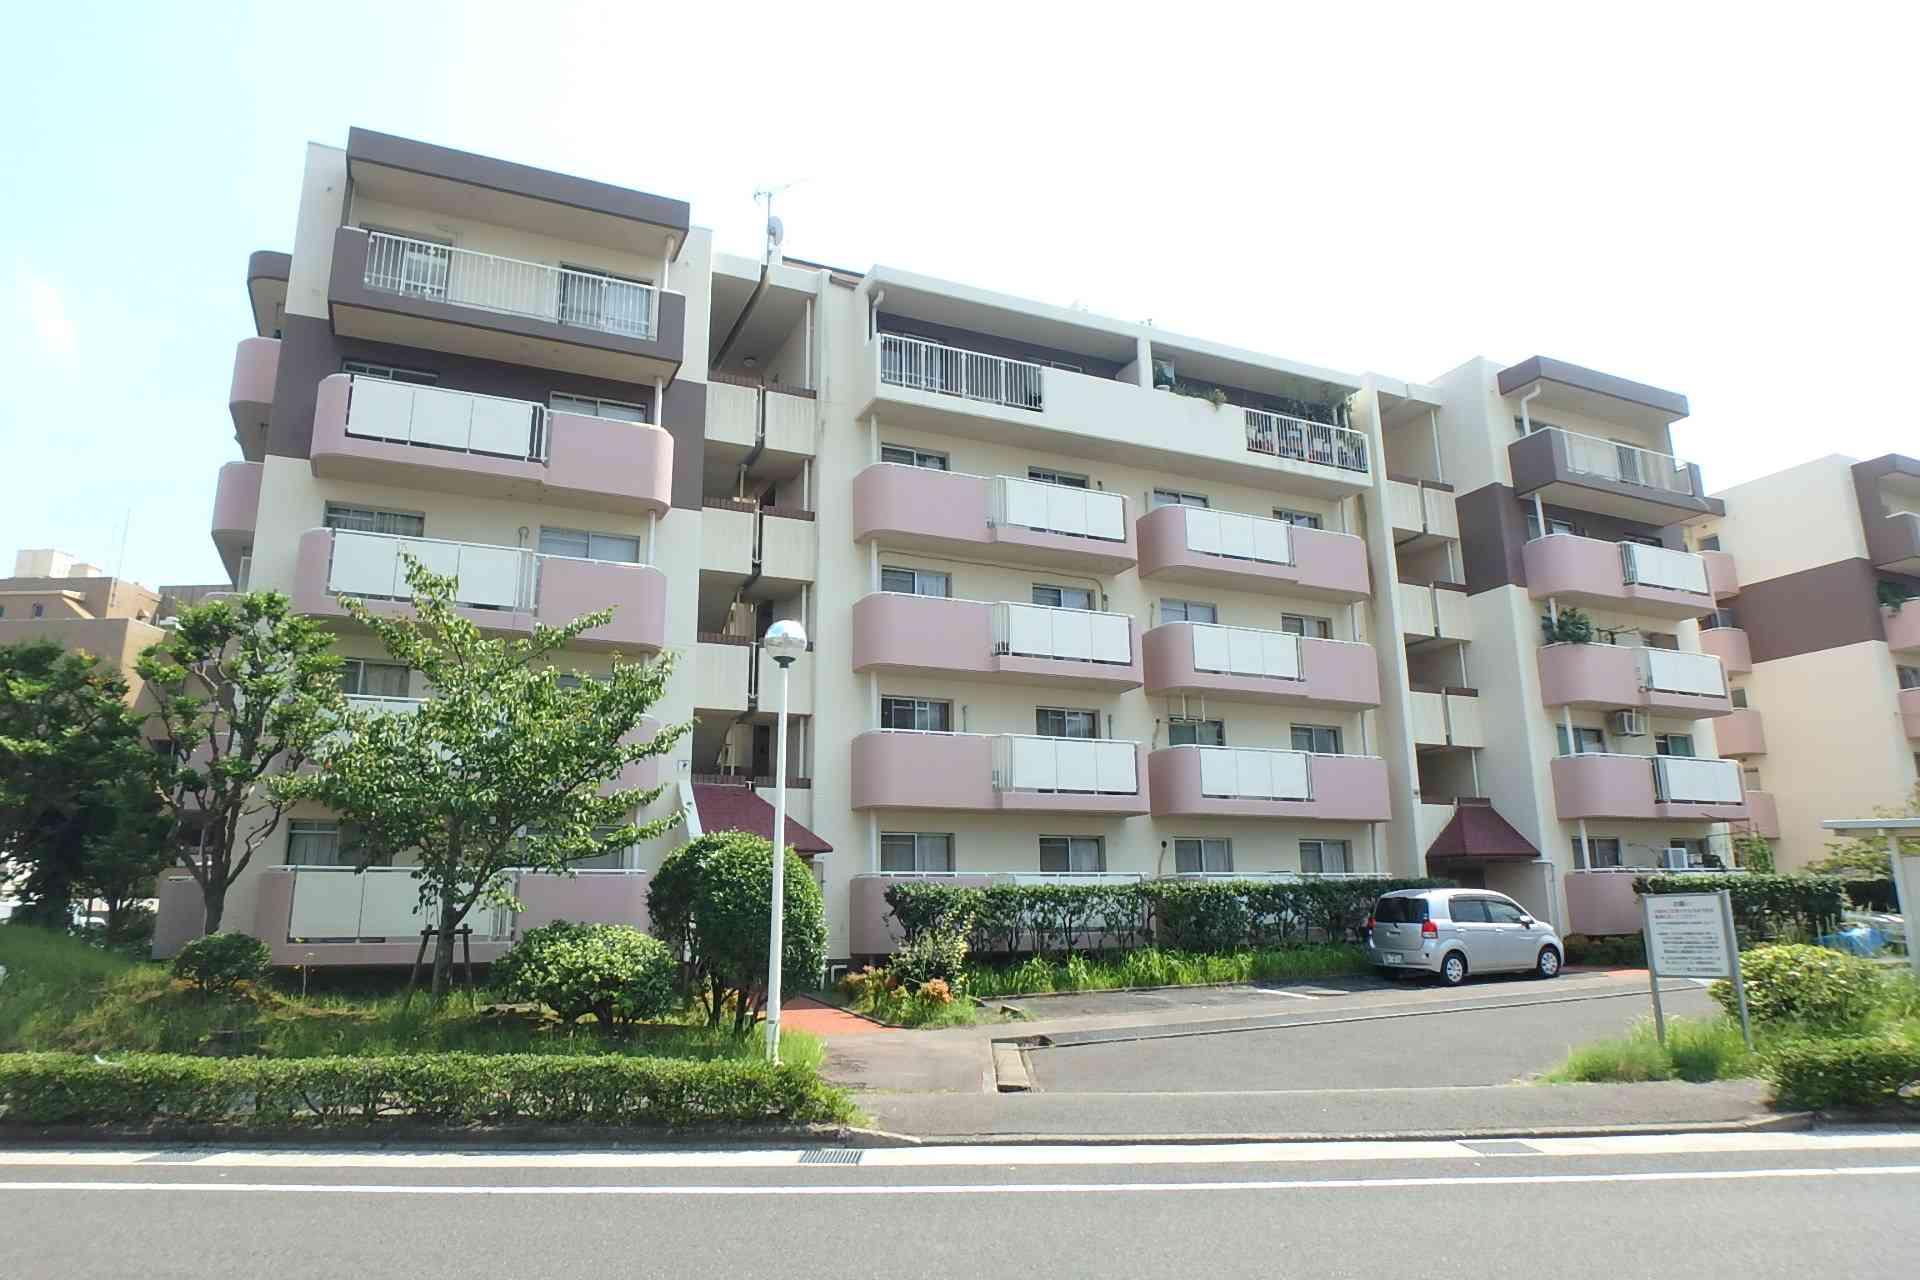 オープンルーム/モデルルーム/現地見学会